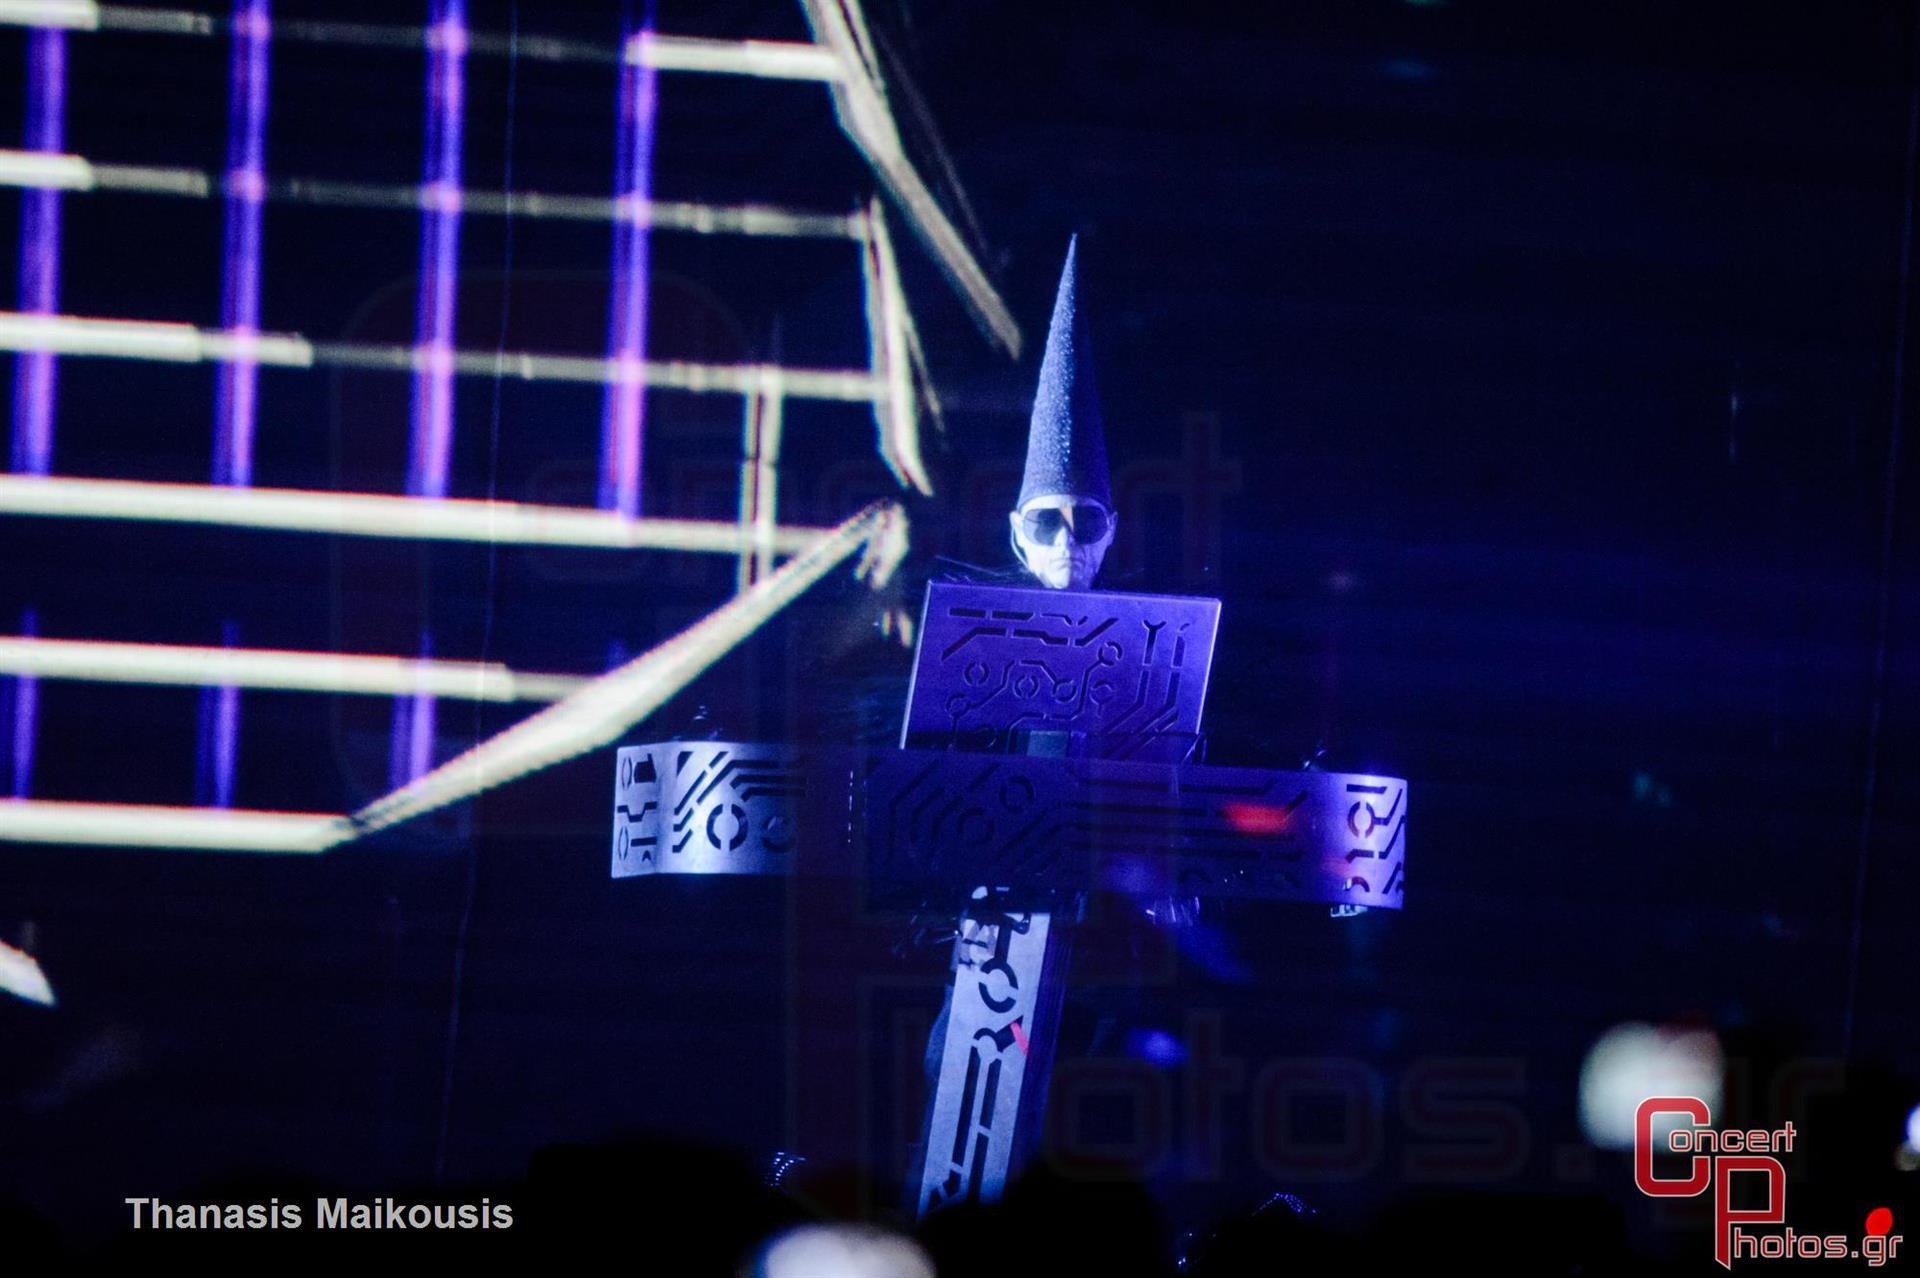 Pet Shop Boys-Pet Shop Boys photographer: Thanasis Maikousis - concertphotos_-9793